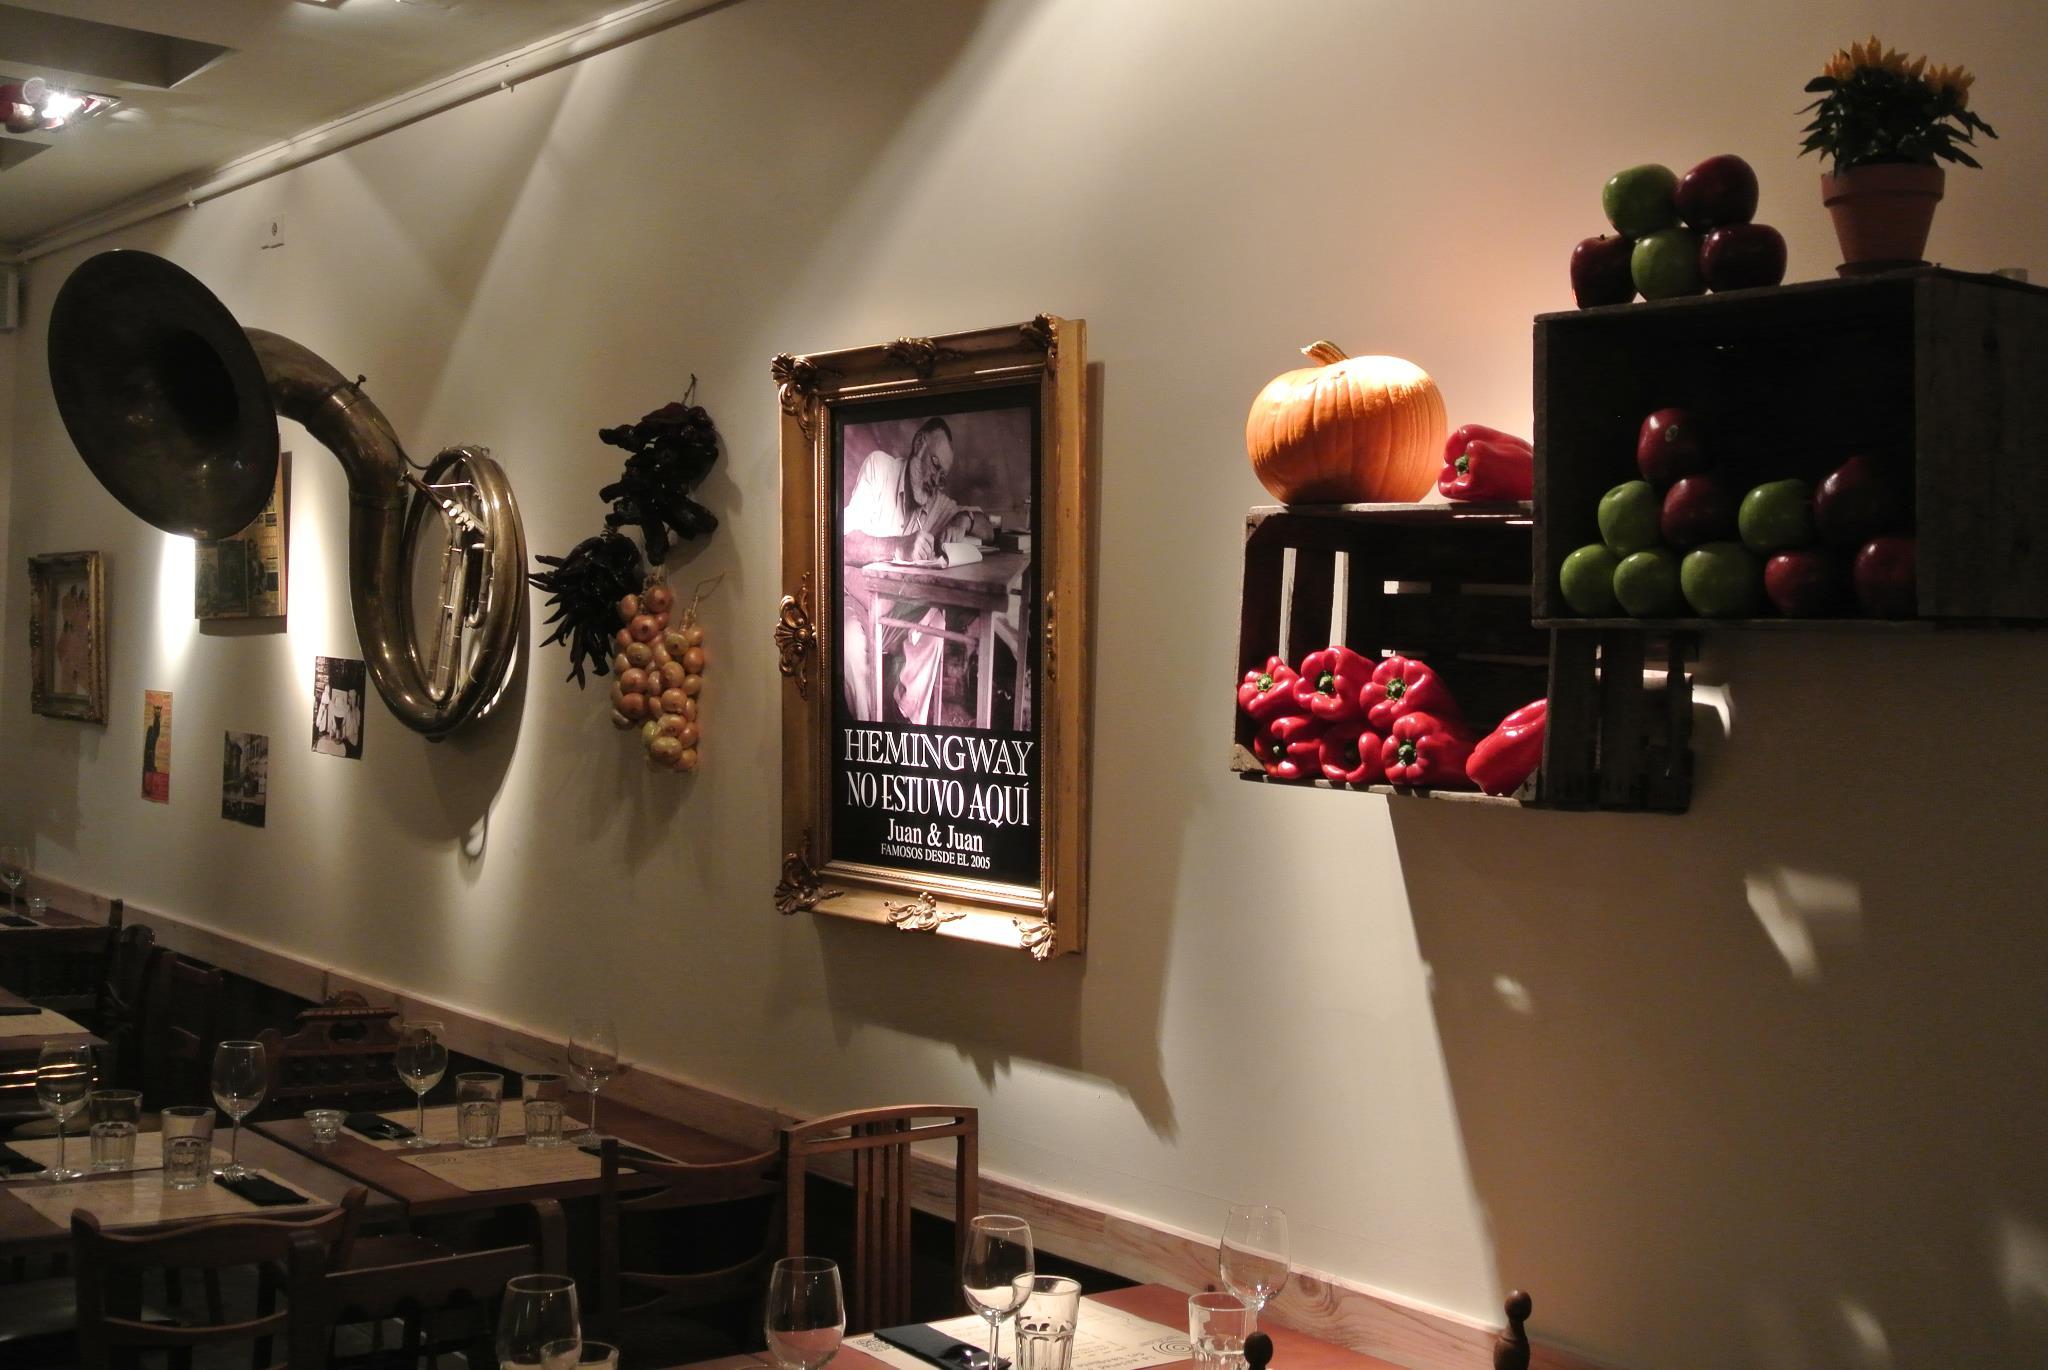 Juan & Juan Restaurante Madrid